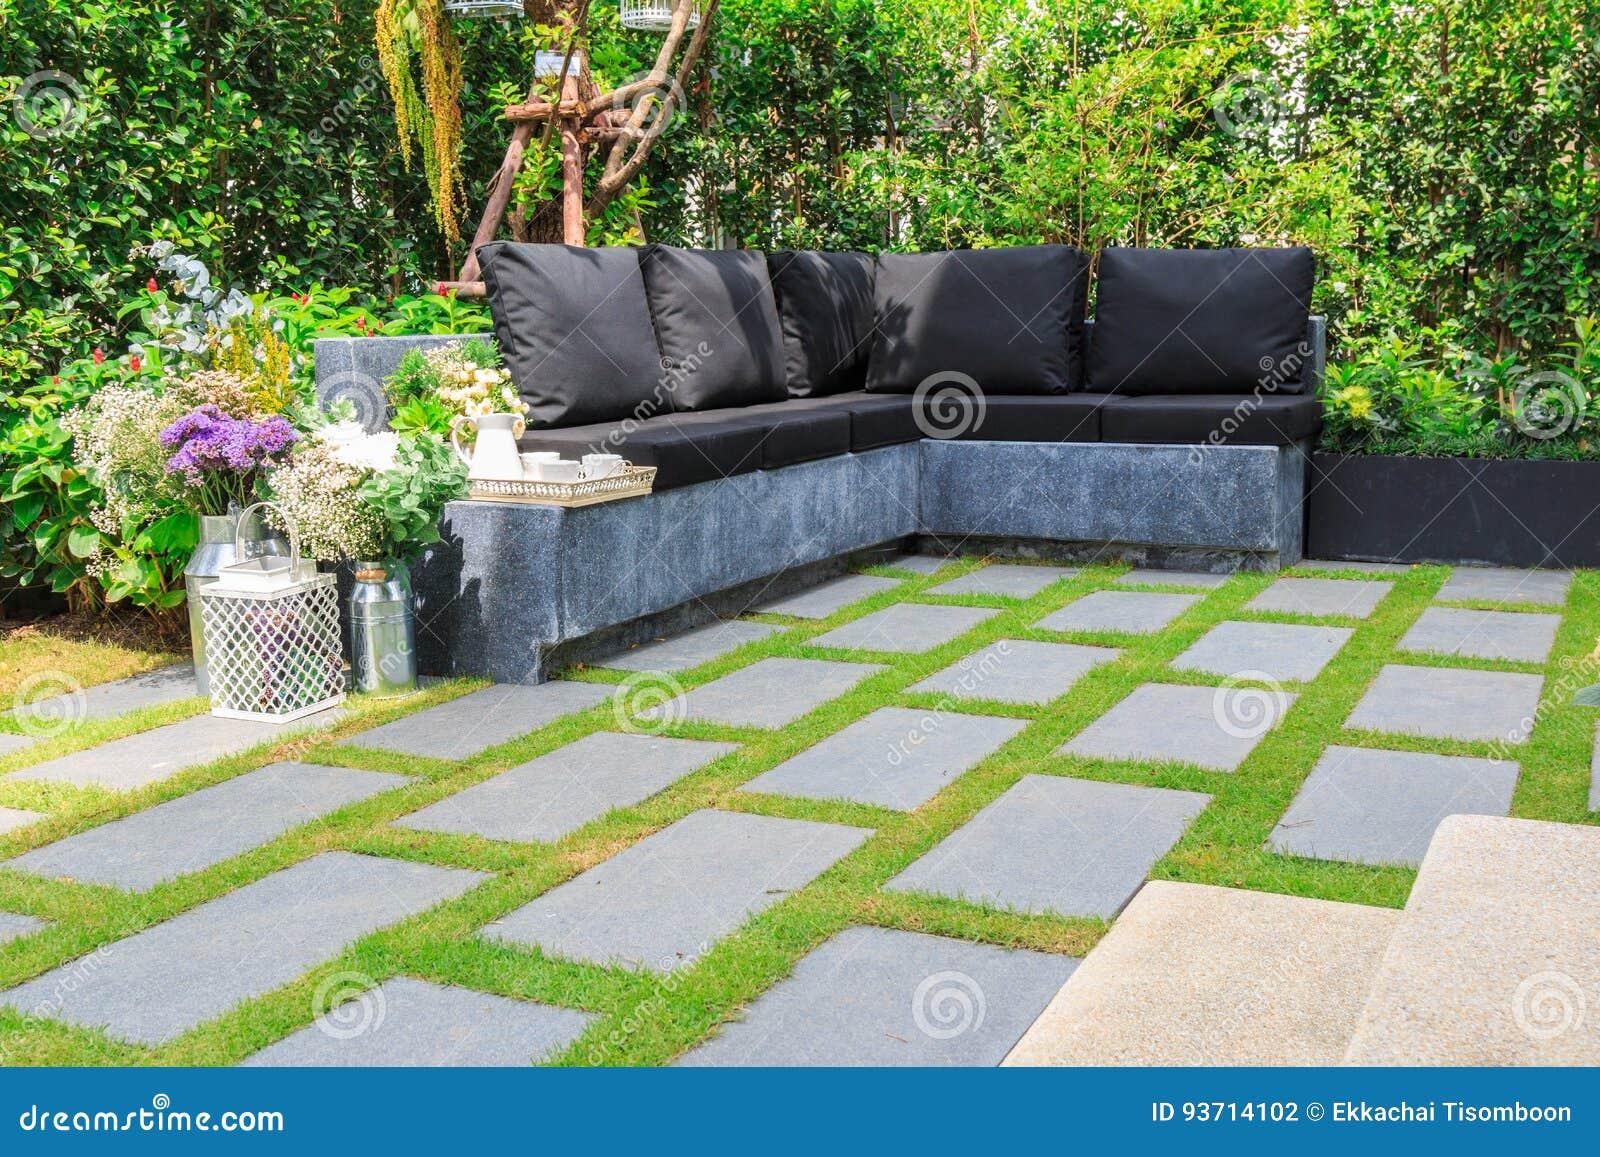 Losas de piedra en la hierba en el jard n foto de archivo - Losas para jardin ...